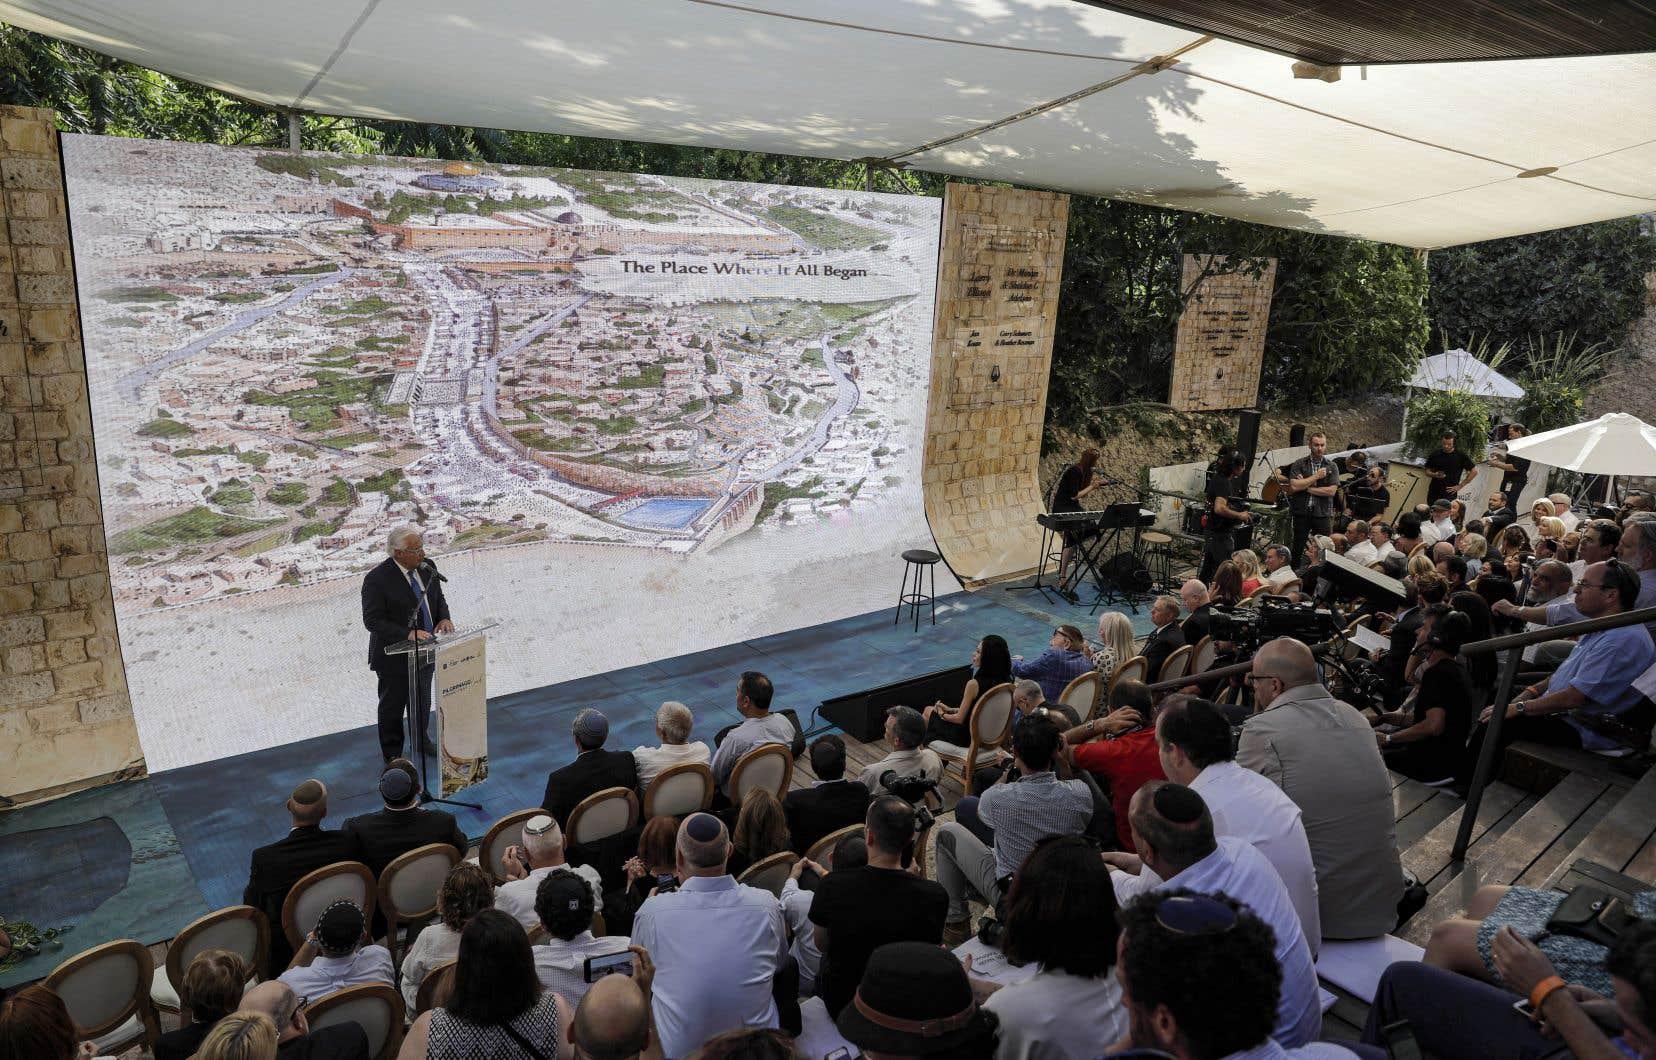 Dimanche soir, David Friedman, ambassadeur en Israël, a assisté avec des responsables israéliens à une cérémonie organisée par une association ultranationaliste israélienne.